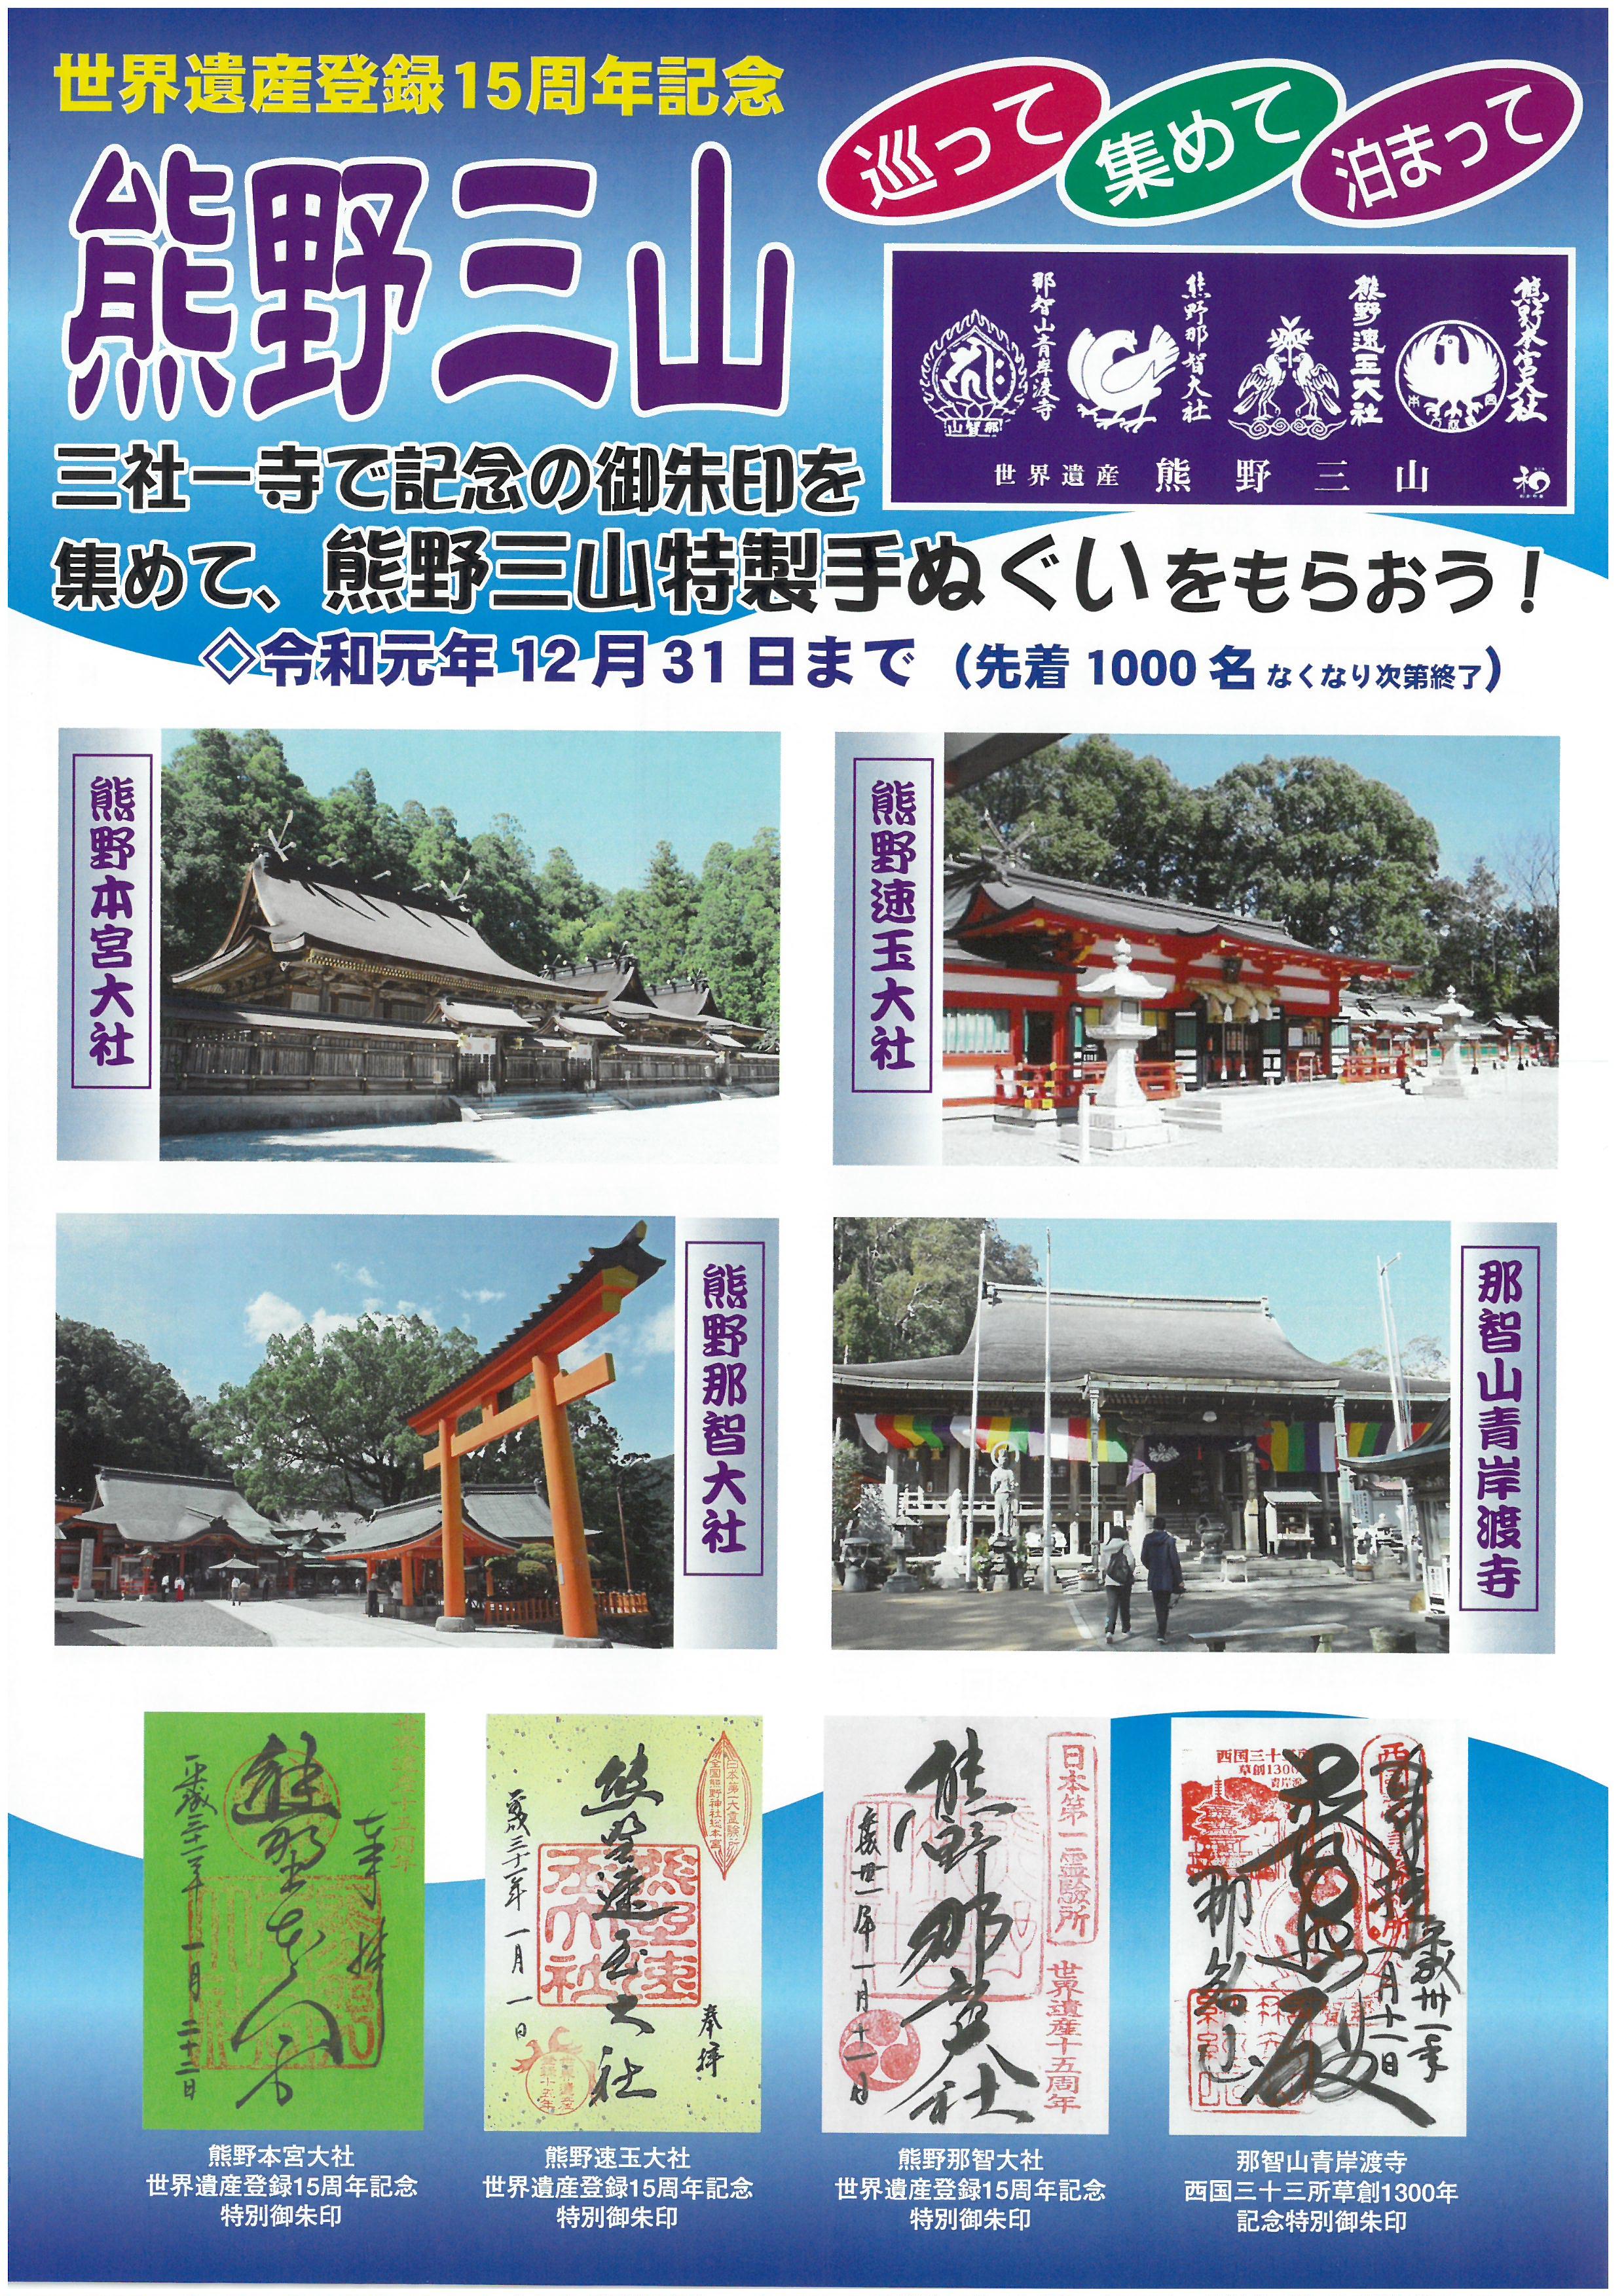 世界遺産登録15周年記念『熊野三山巡礼キャンペーン』!!